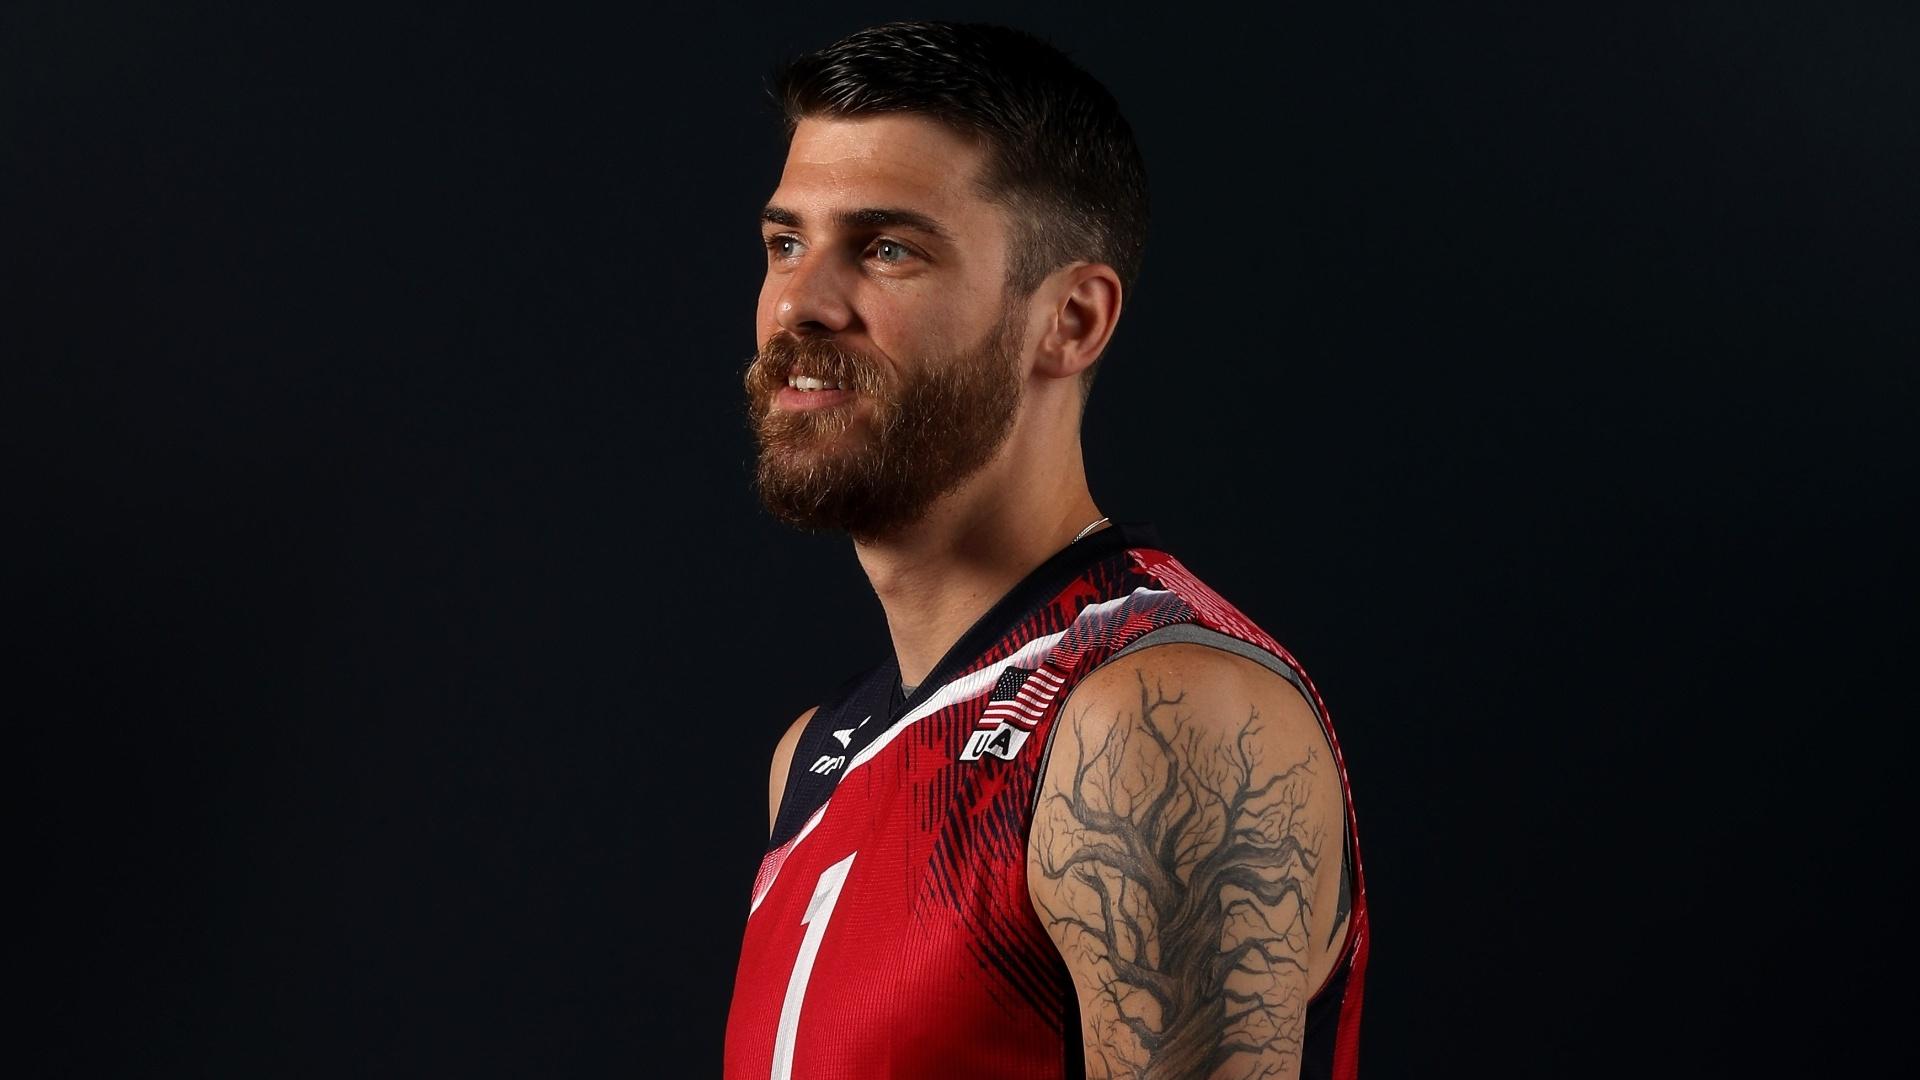 Matt Anderson, atleta da seleção norte-americana de vôlei